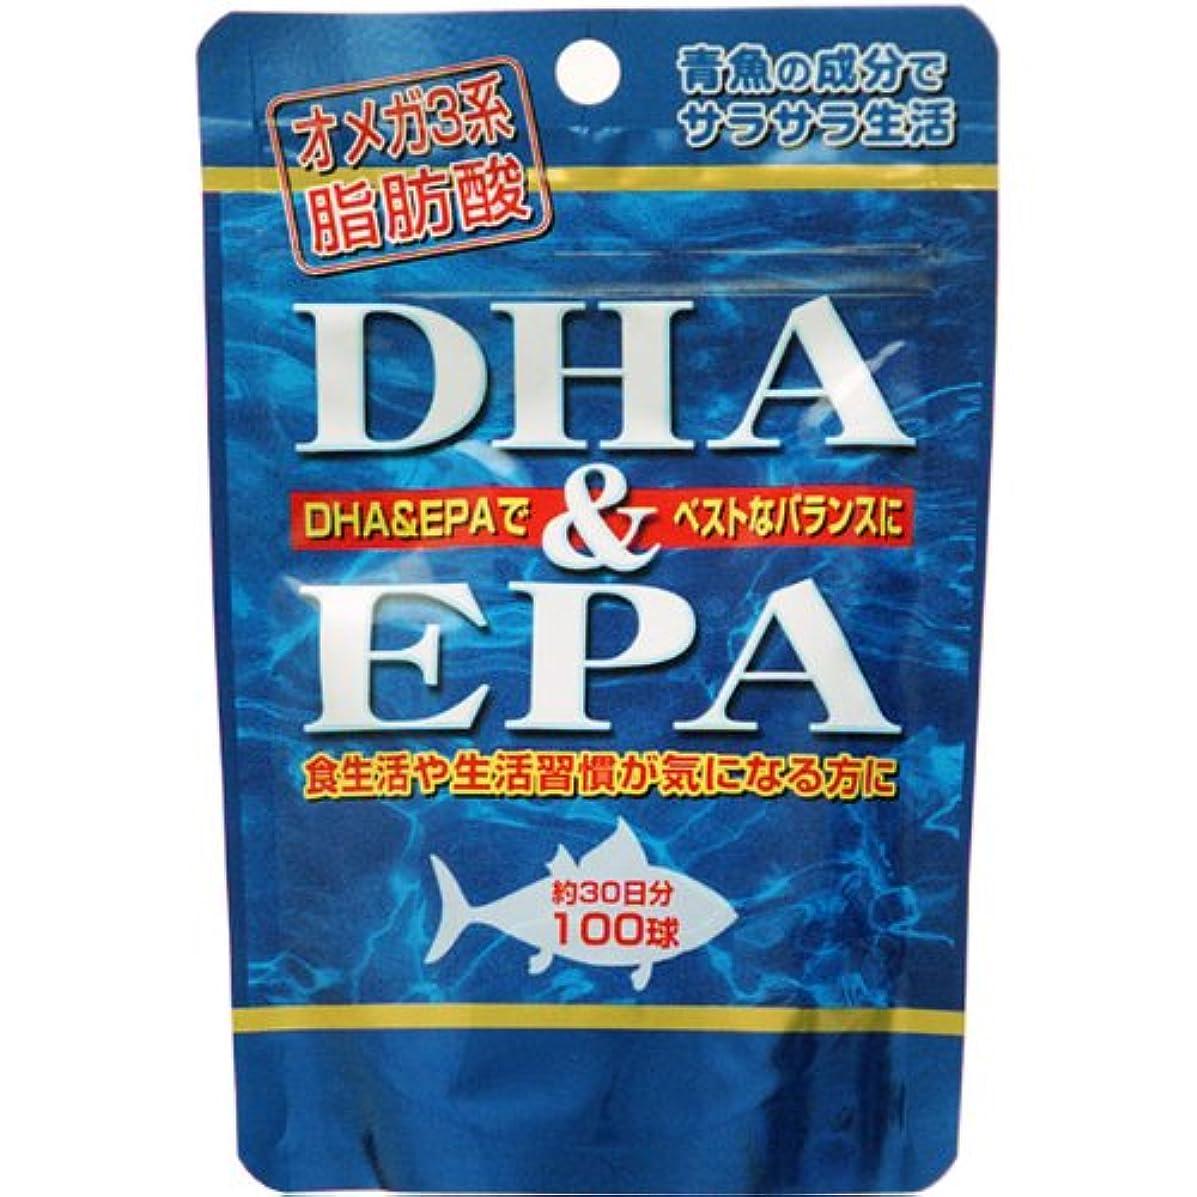 ヒギンズ手順障害DHA(ドコサヘキサエン酸)&EPA(エイコサペンタエン酸)×2